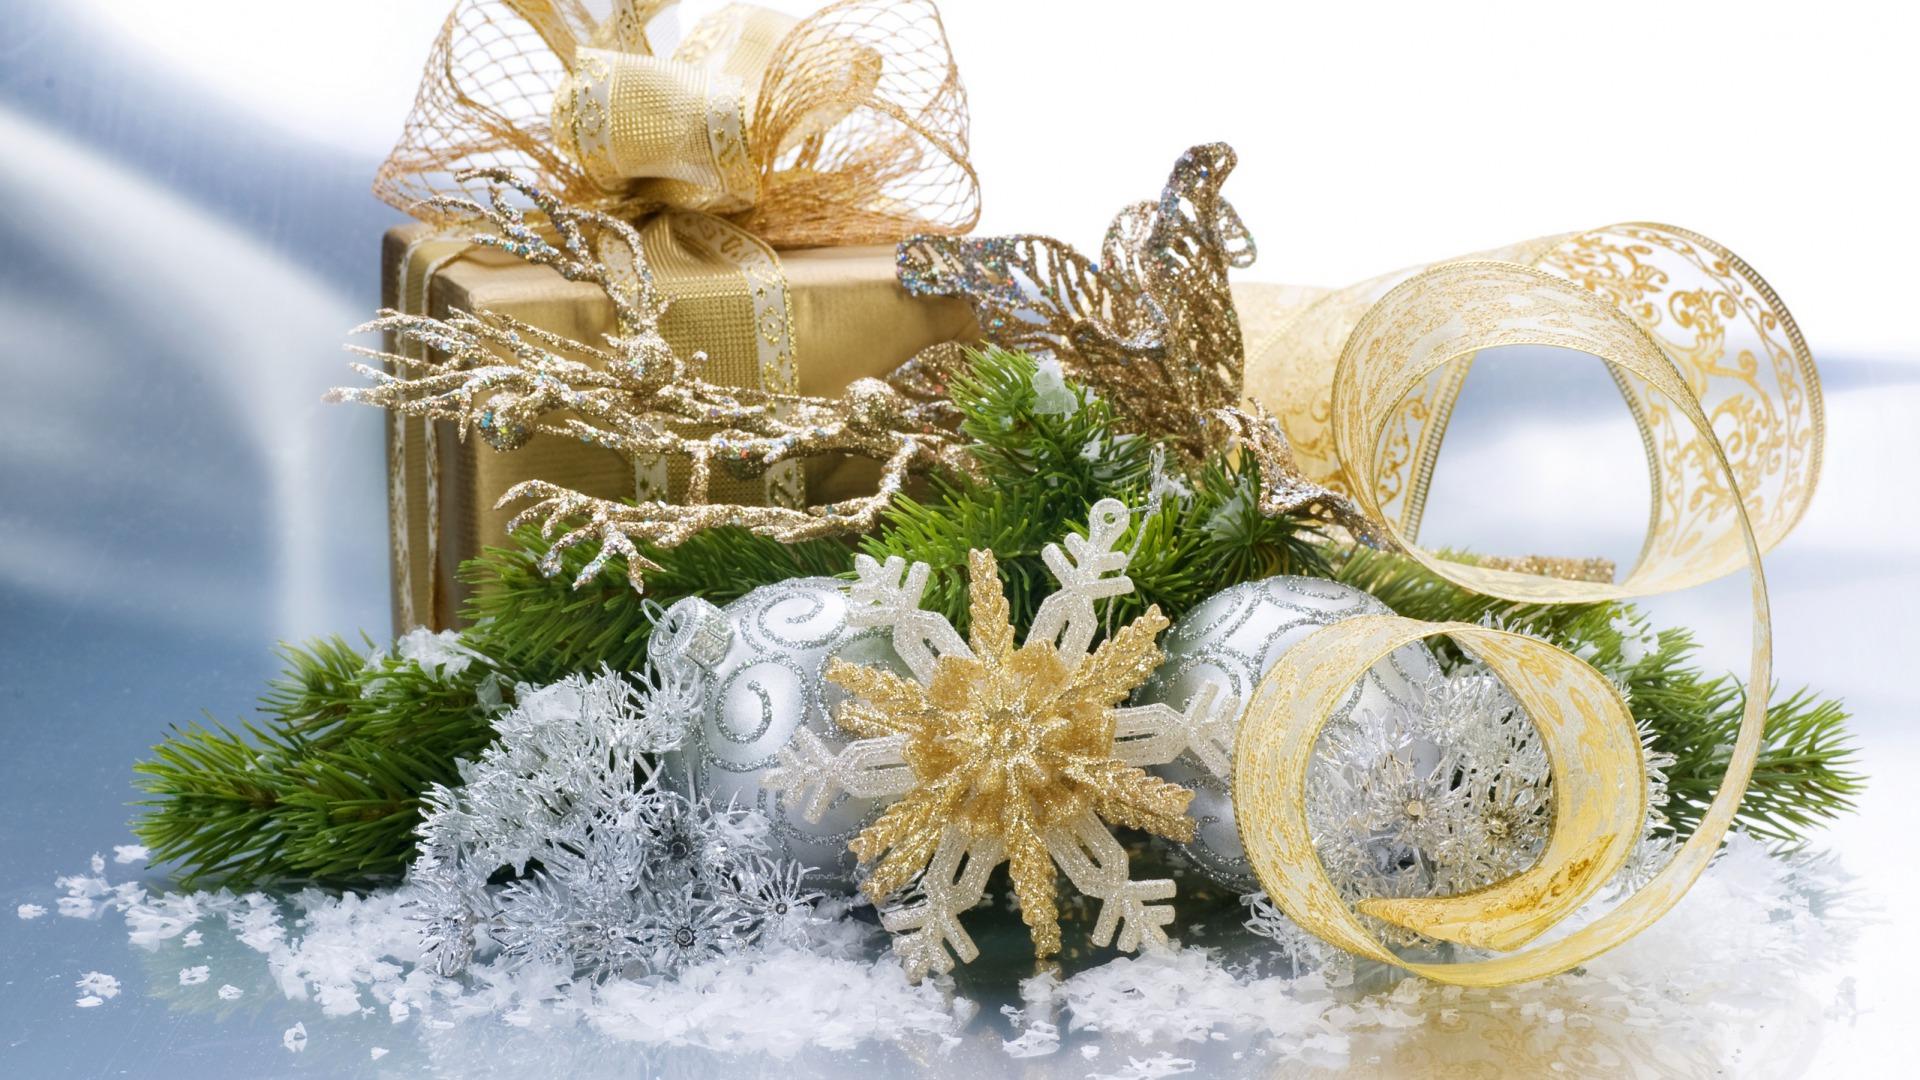 Bộ Sưu Tập Ảnh Giáng Sinh - Page 3 Christmasballs52